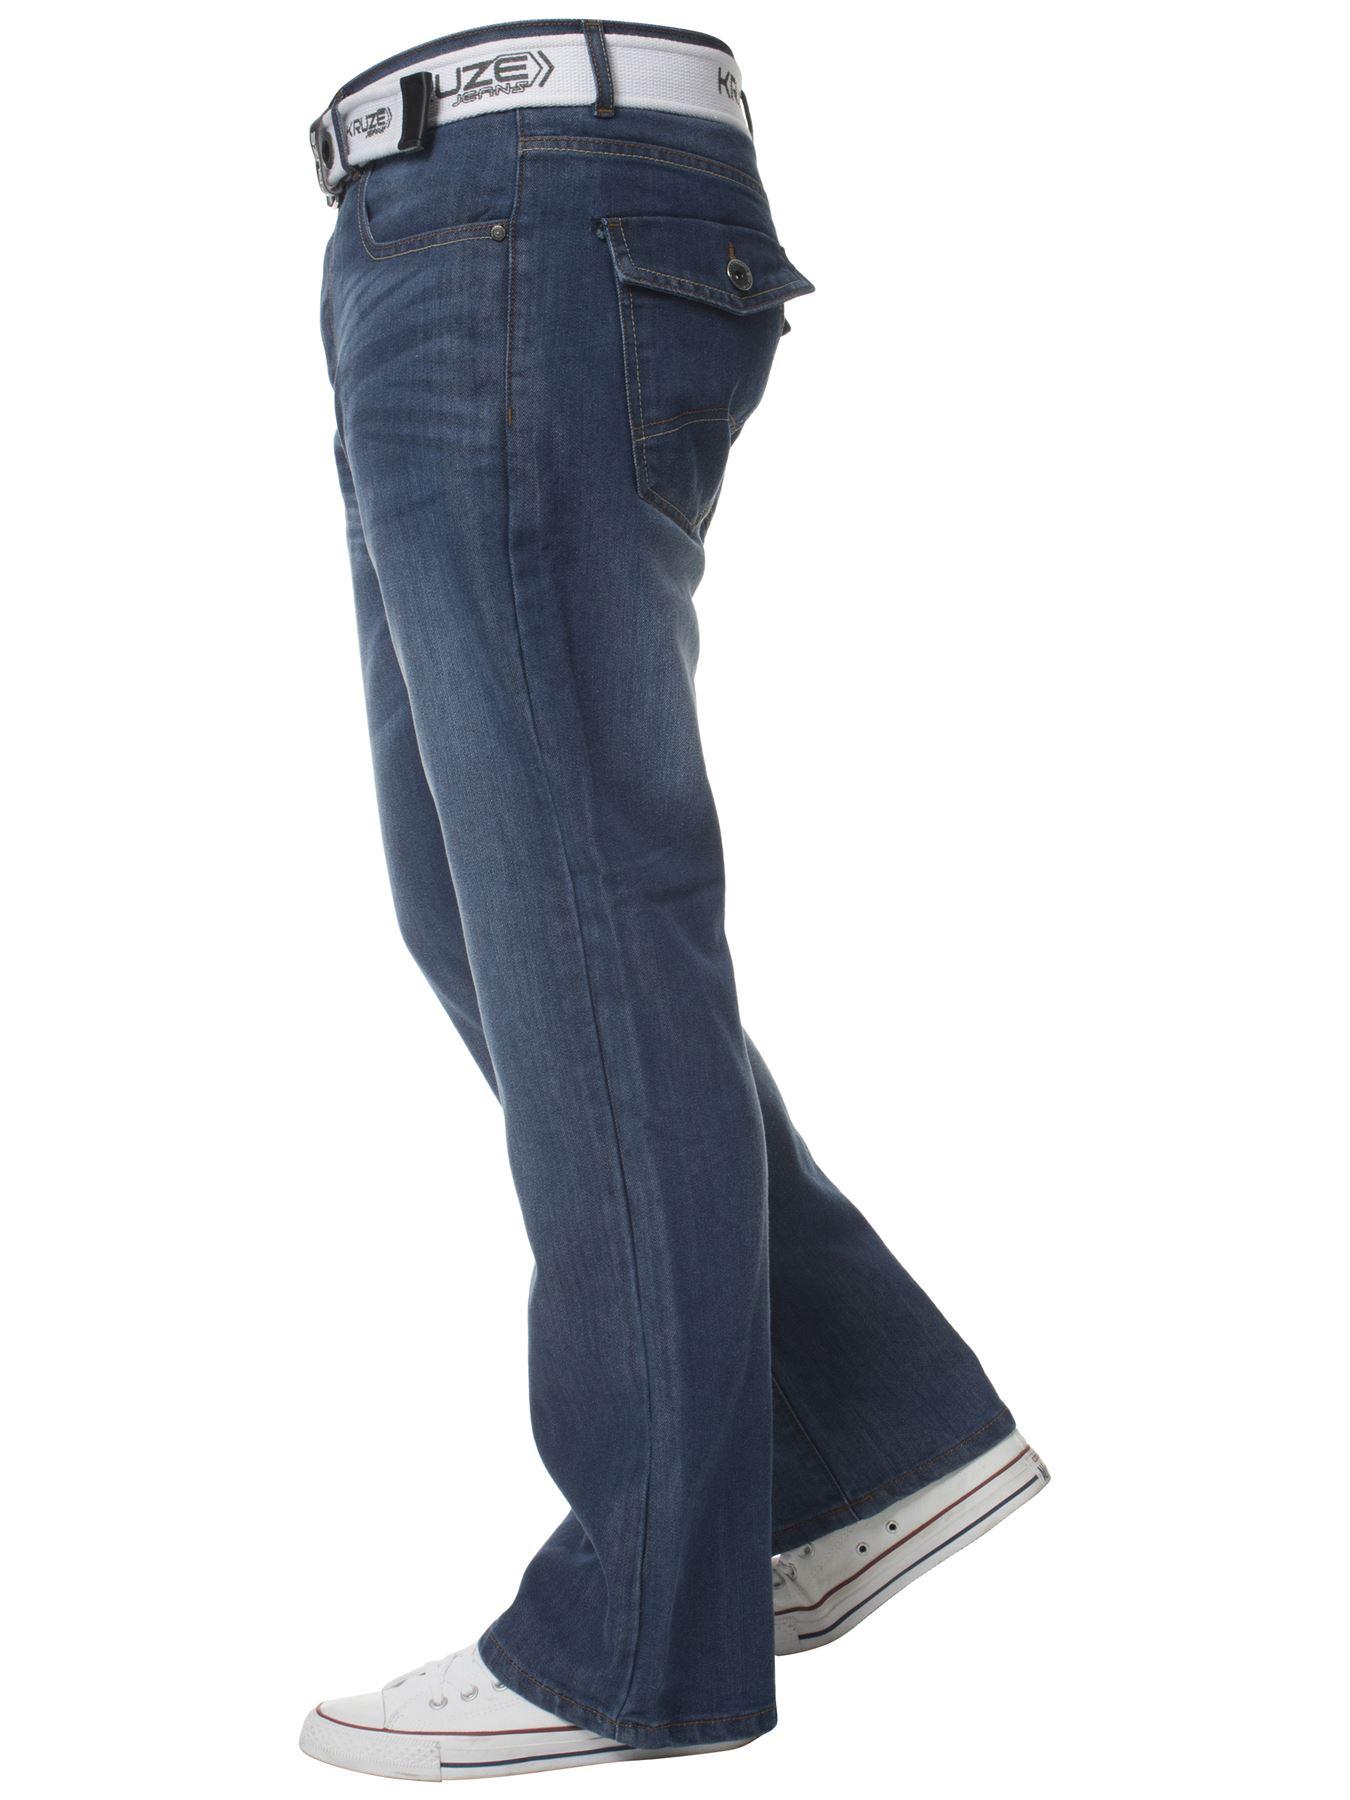 Kruze-Denim-Nuevo-Para-Hombre-Bootcut-Pierna-Ancha-Flare-Pantalones-Cintura-Tallas-Grandes-Rey-todos miniatura 22